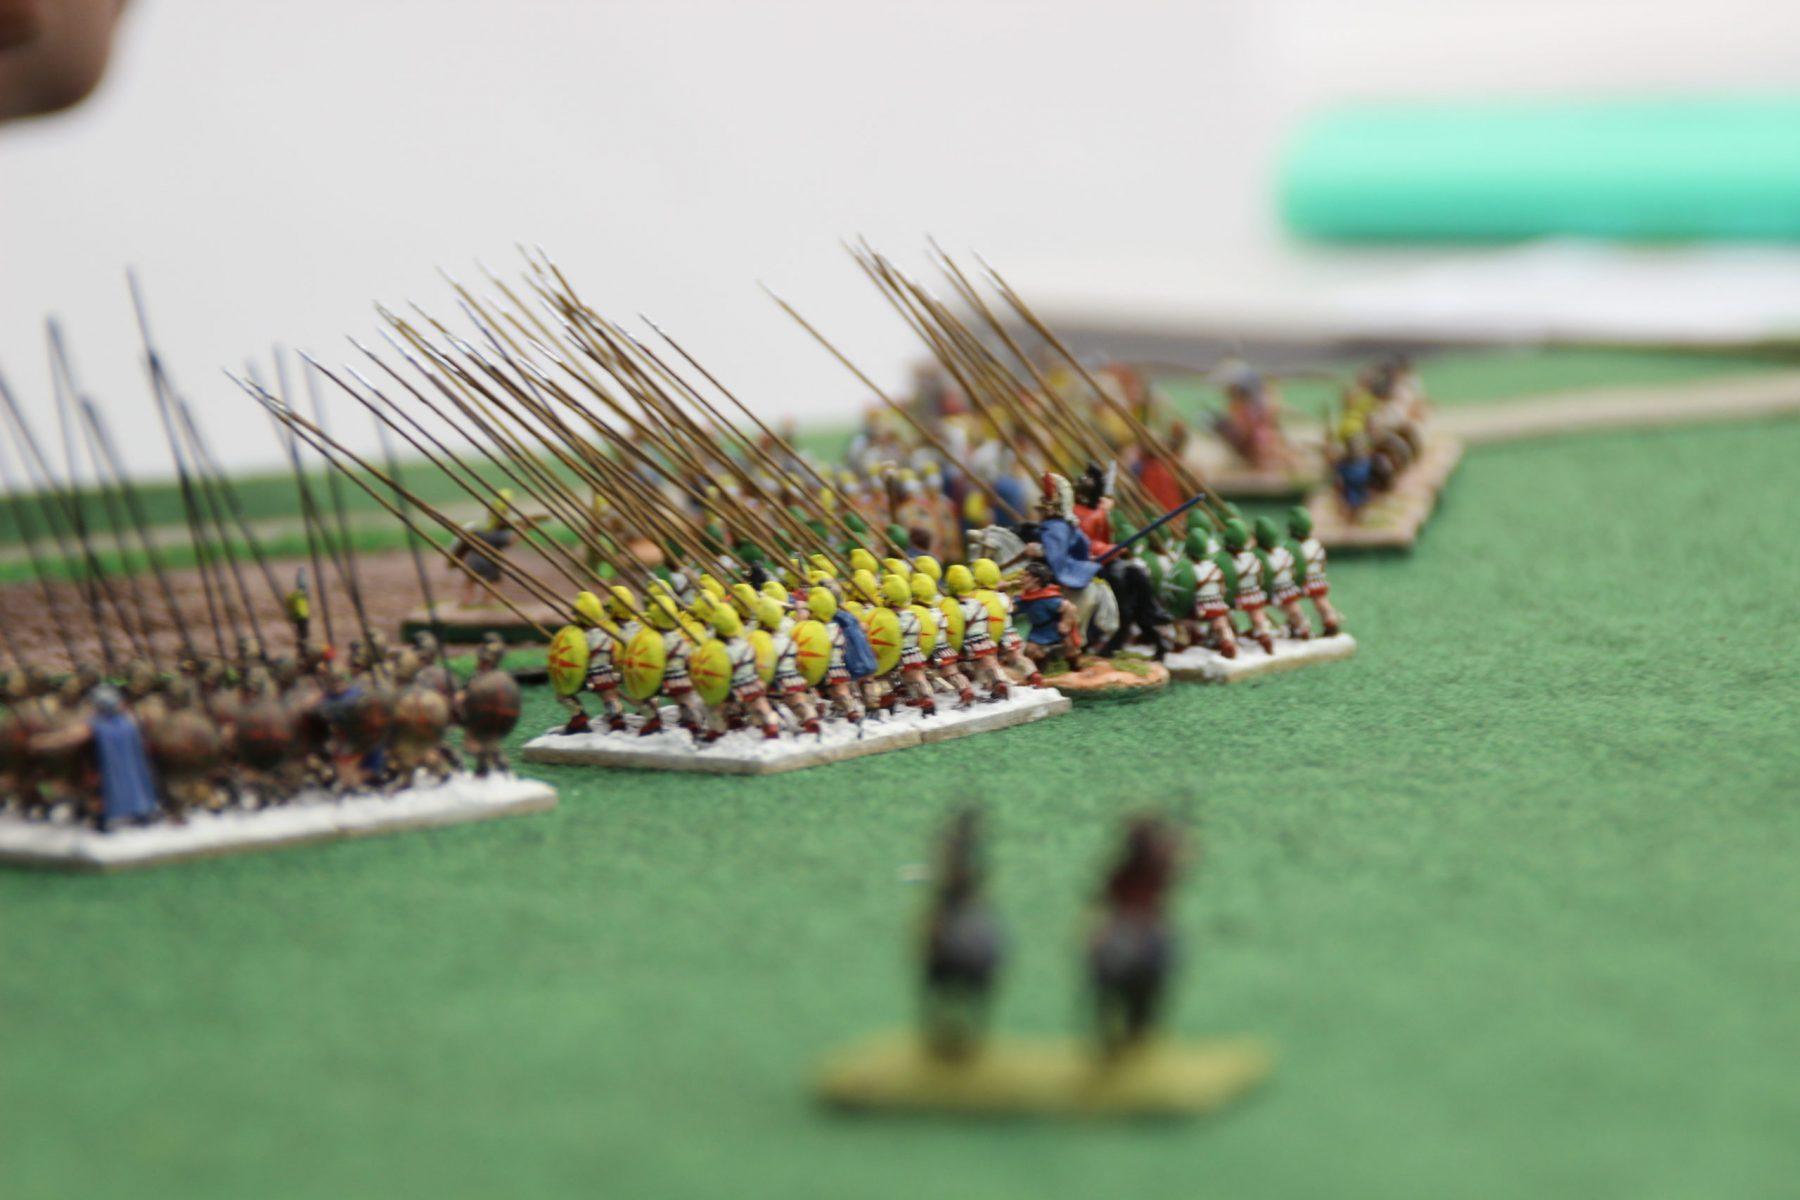 L'étau de sarisses se referme sur les légions romaines bas empire.